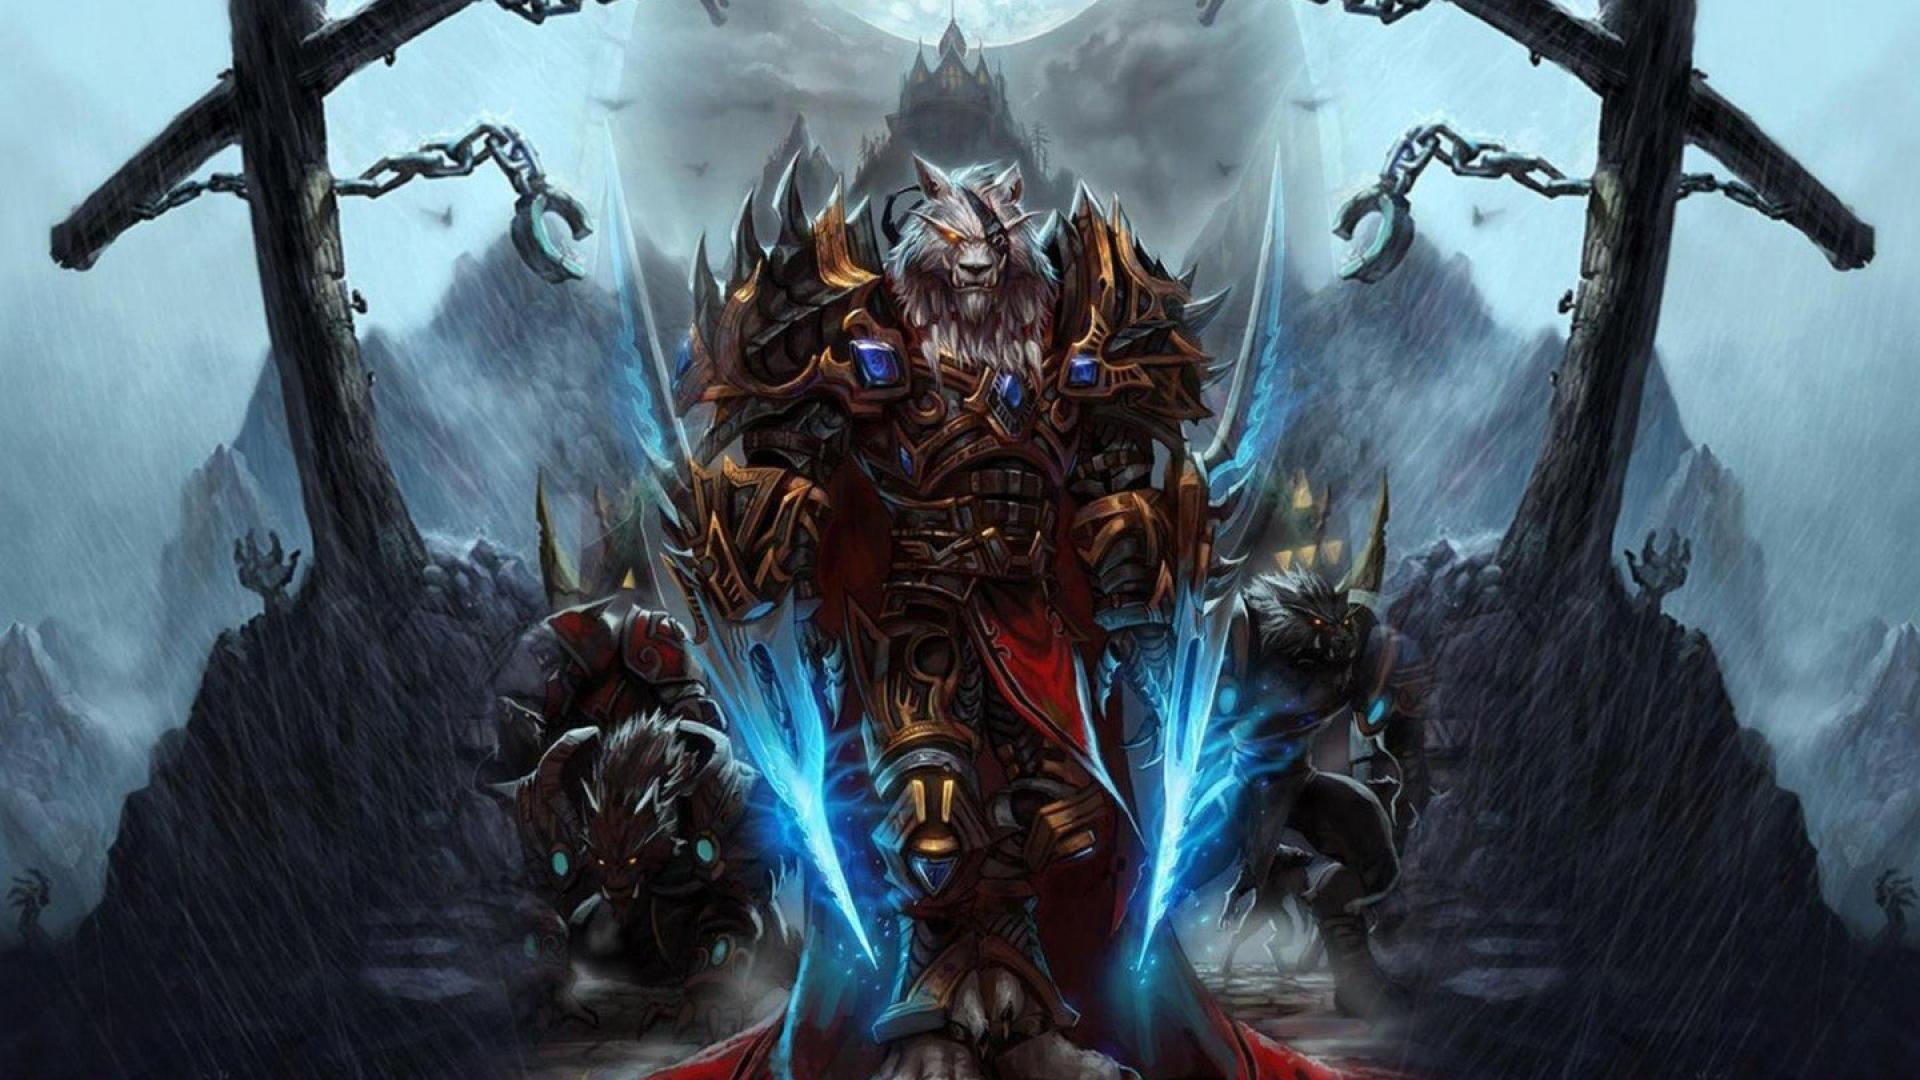 Papel De Parede World Of Warcraft Hunter Para Iphone World Of Warcraft Wallpaper World Of Warcraft World Of Warcraft Cataclysm